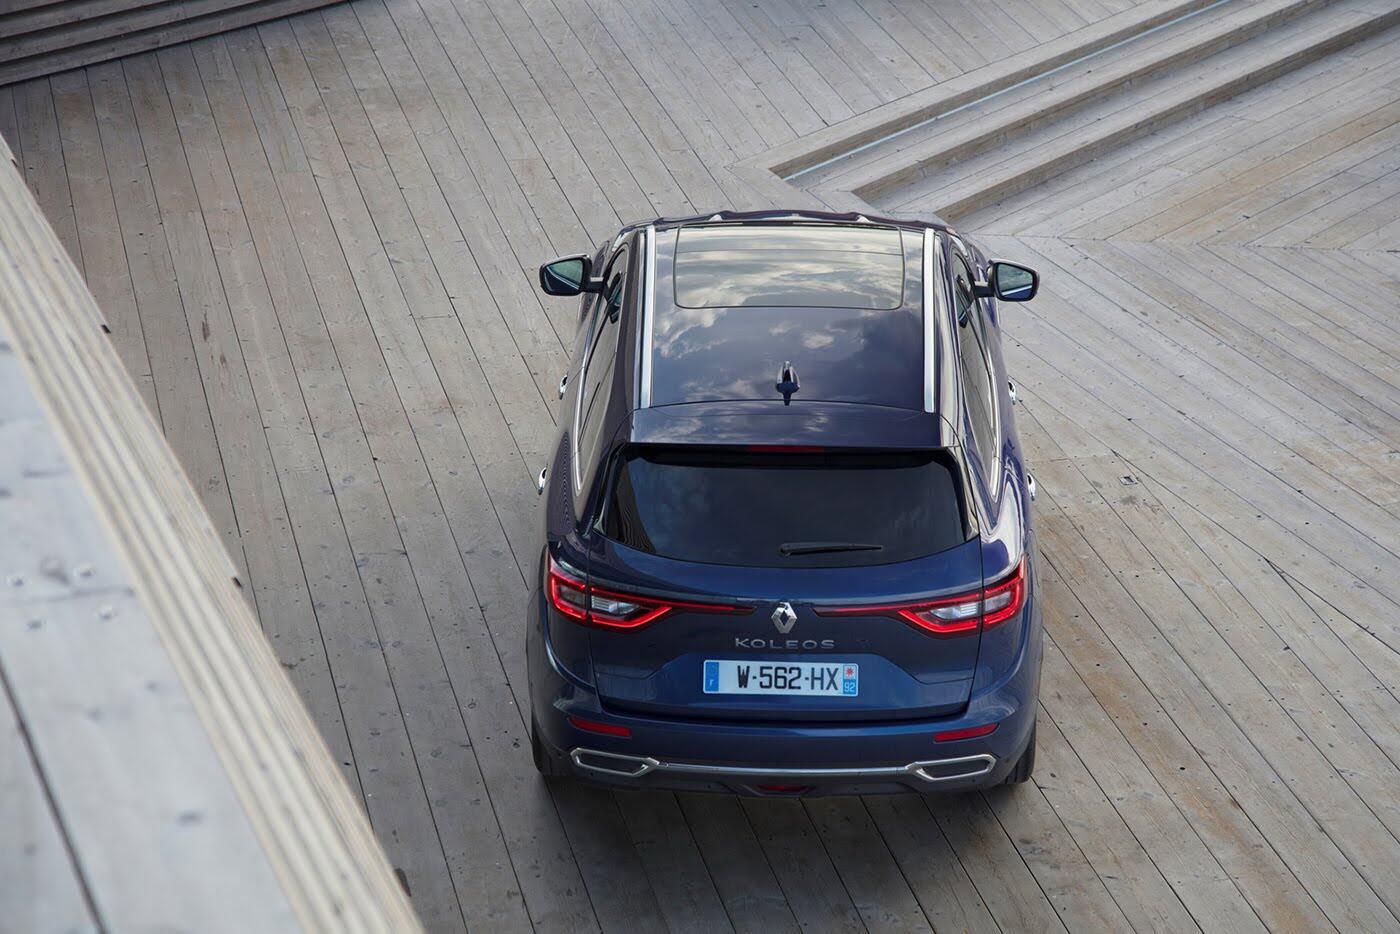 Xem thêm ảnh Renault Koleos 2017 - Hình 15